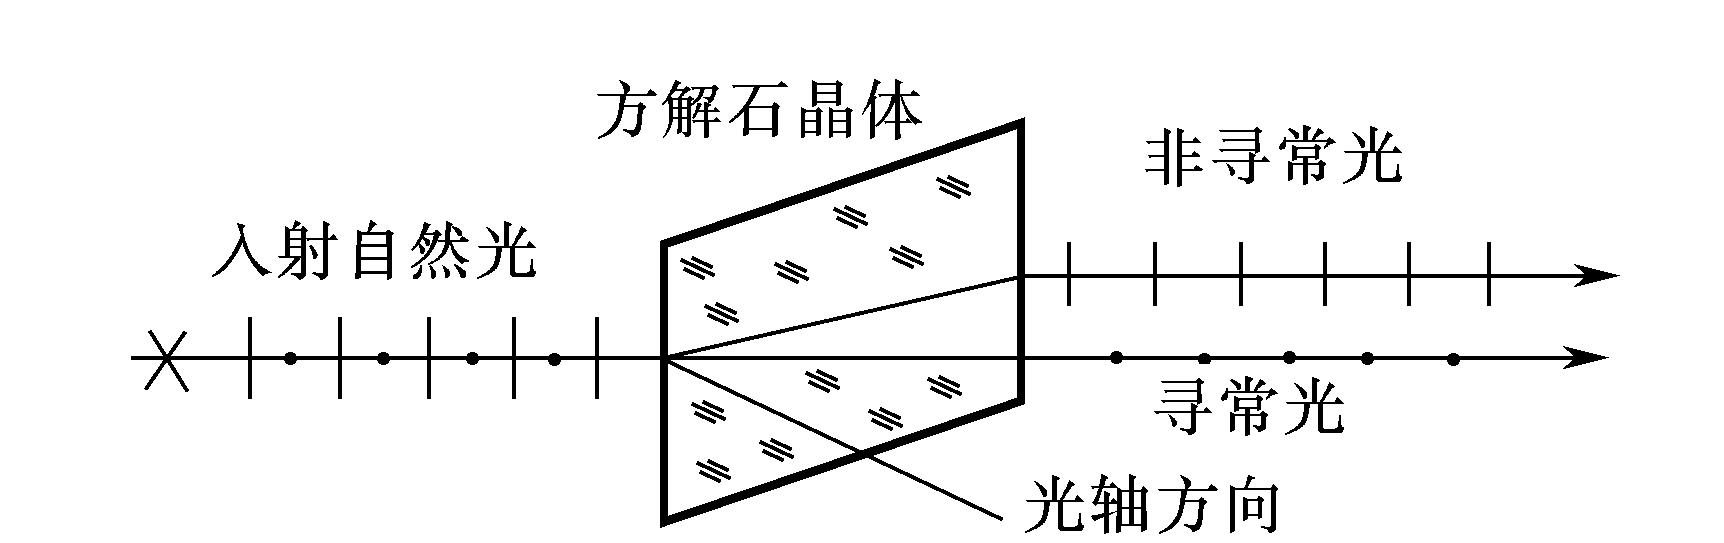 实验电路的幅频特性曲线